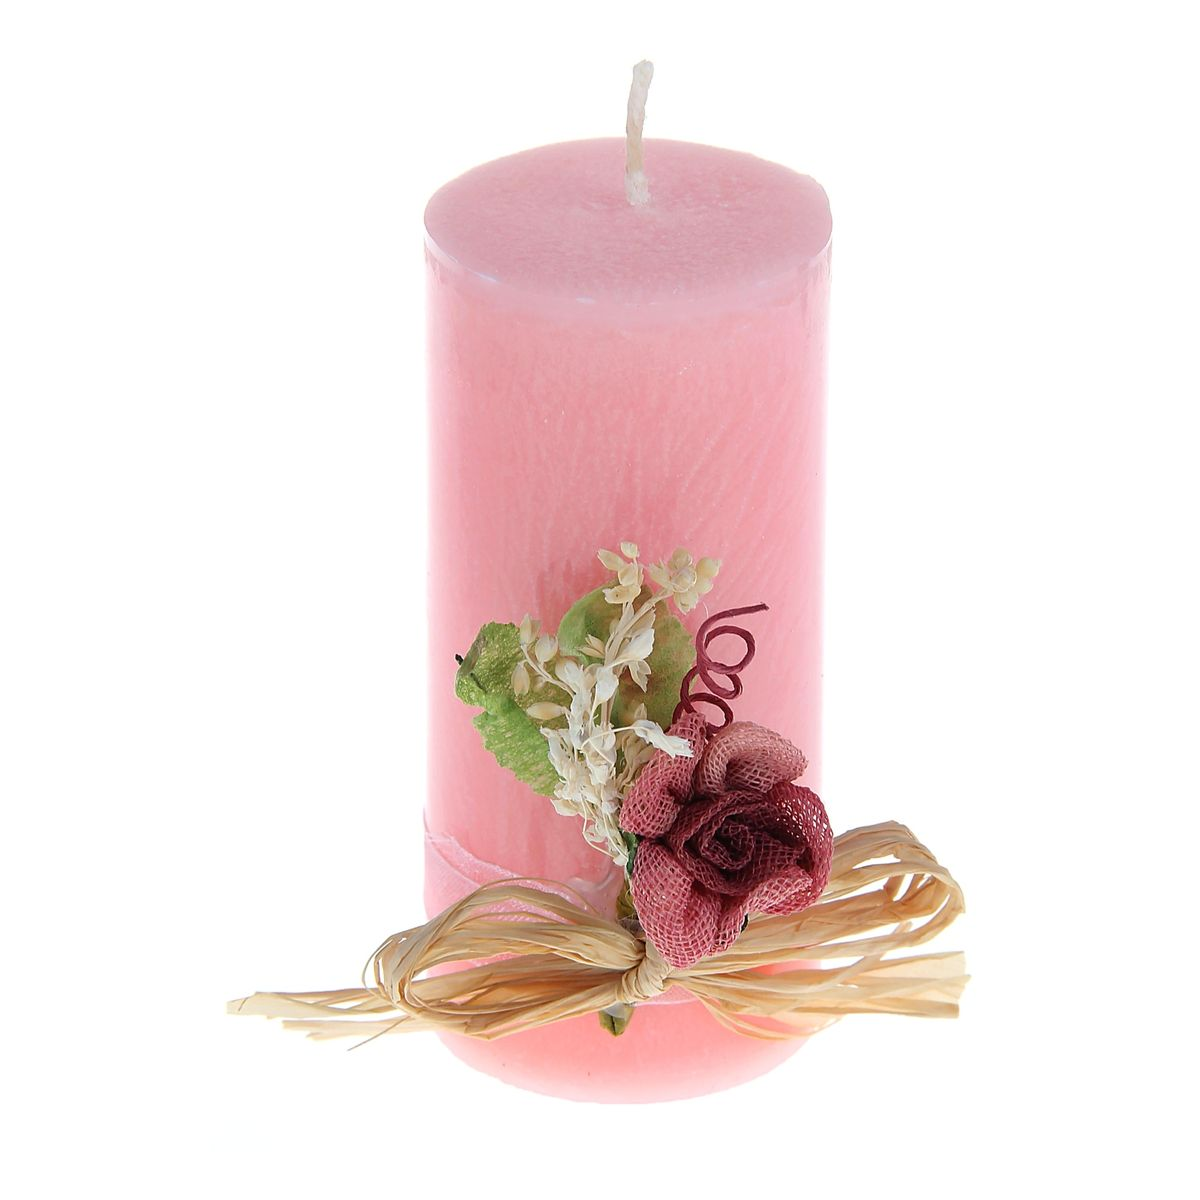 Свеча декоративная Sima-land Цветок, цвет: розовый, высота 10,5 смPARIS 75015-8C ANTIQUEДекоративная свеча Sima-land Цветок изготовлена из воска и оформлена декоративной цветочной композицией. Такая свеча может стать отличным подарком или дополнить интерьер вашей комнаты.